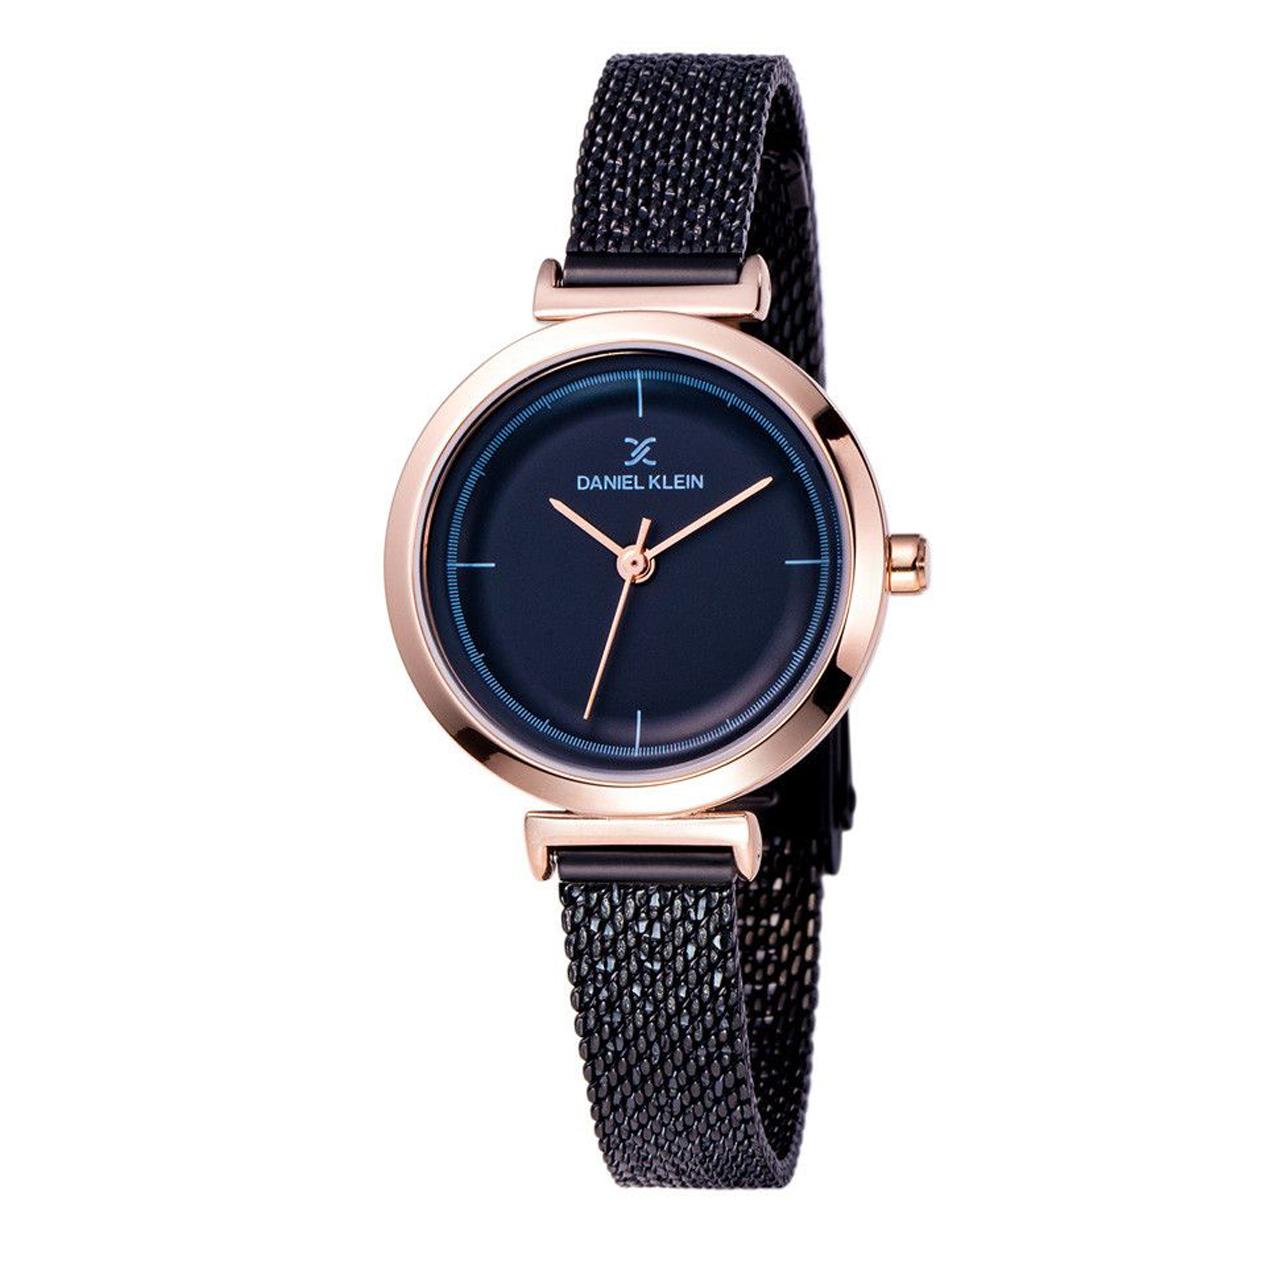 ساعت مچی عقربه ای زنانه دنیل کلین مدل dk11899-5 به همراه دستمال مخصوص برند کلین واچ 21